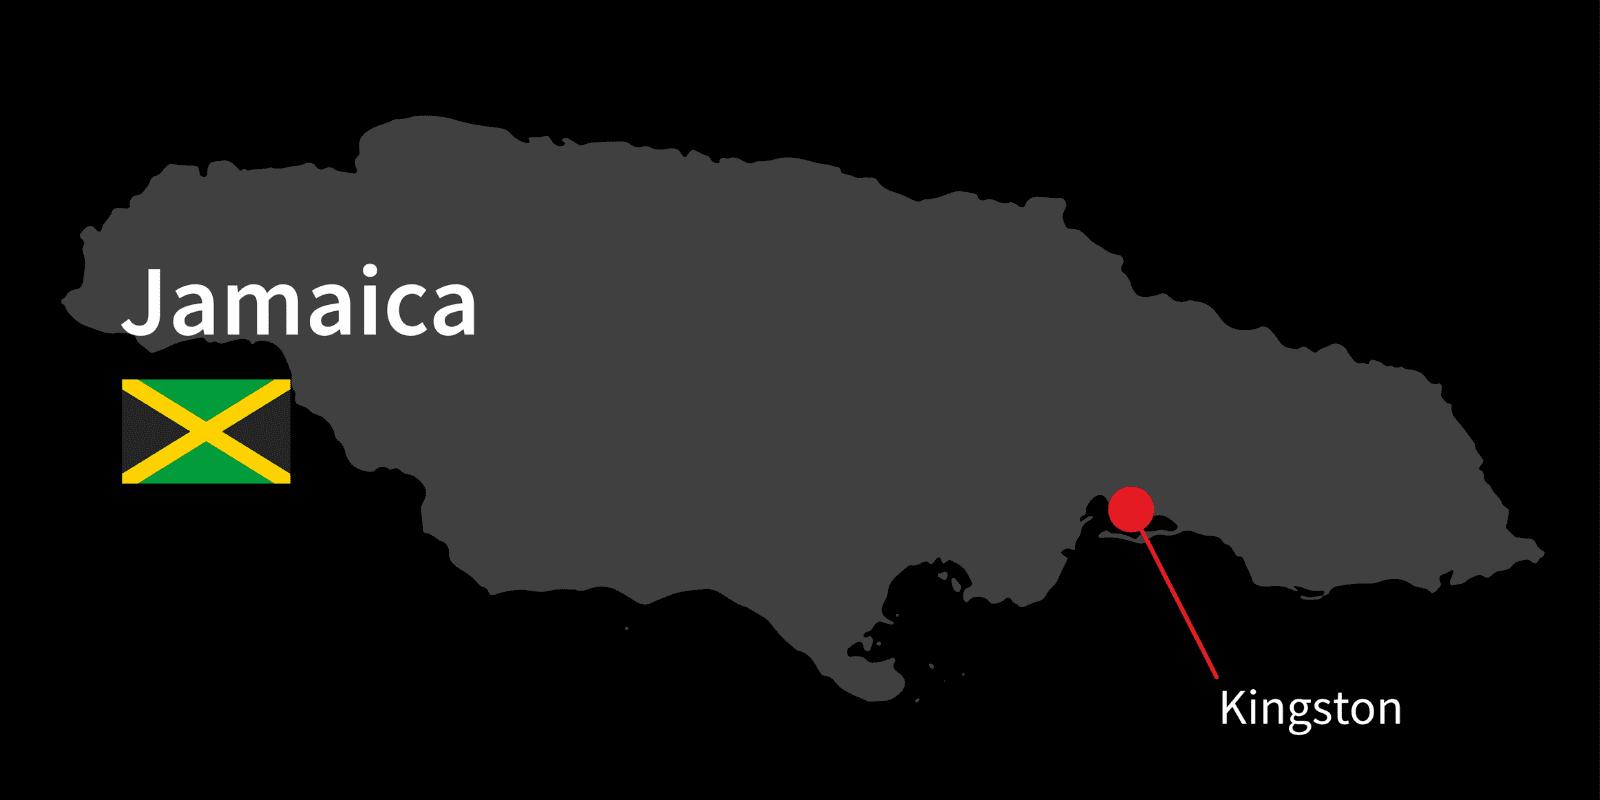 Carte de la Jamaïque avec Kingstown la capitale, représentée